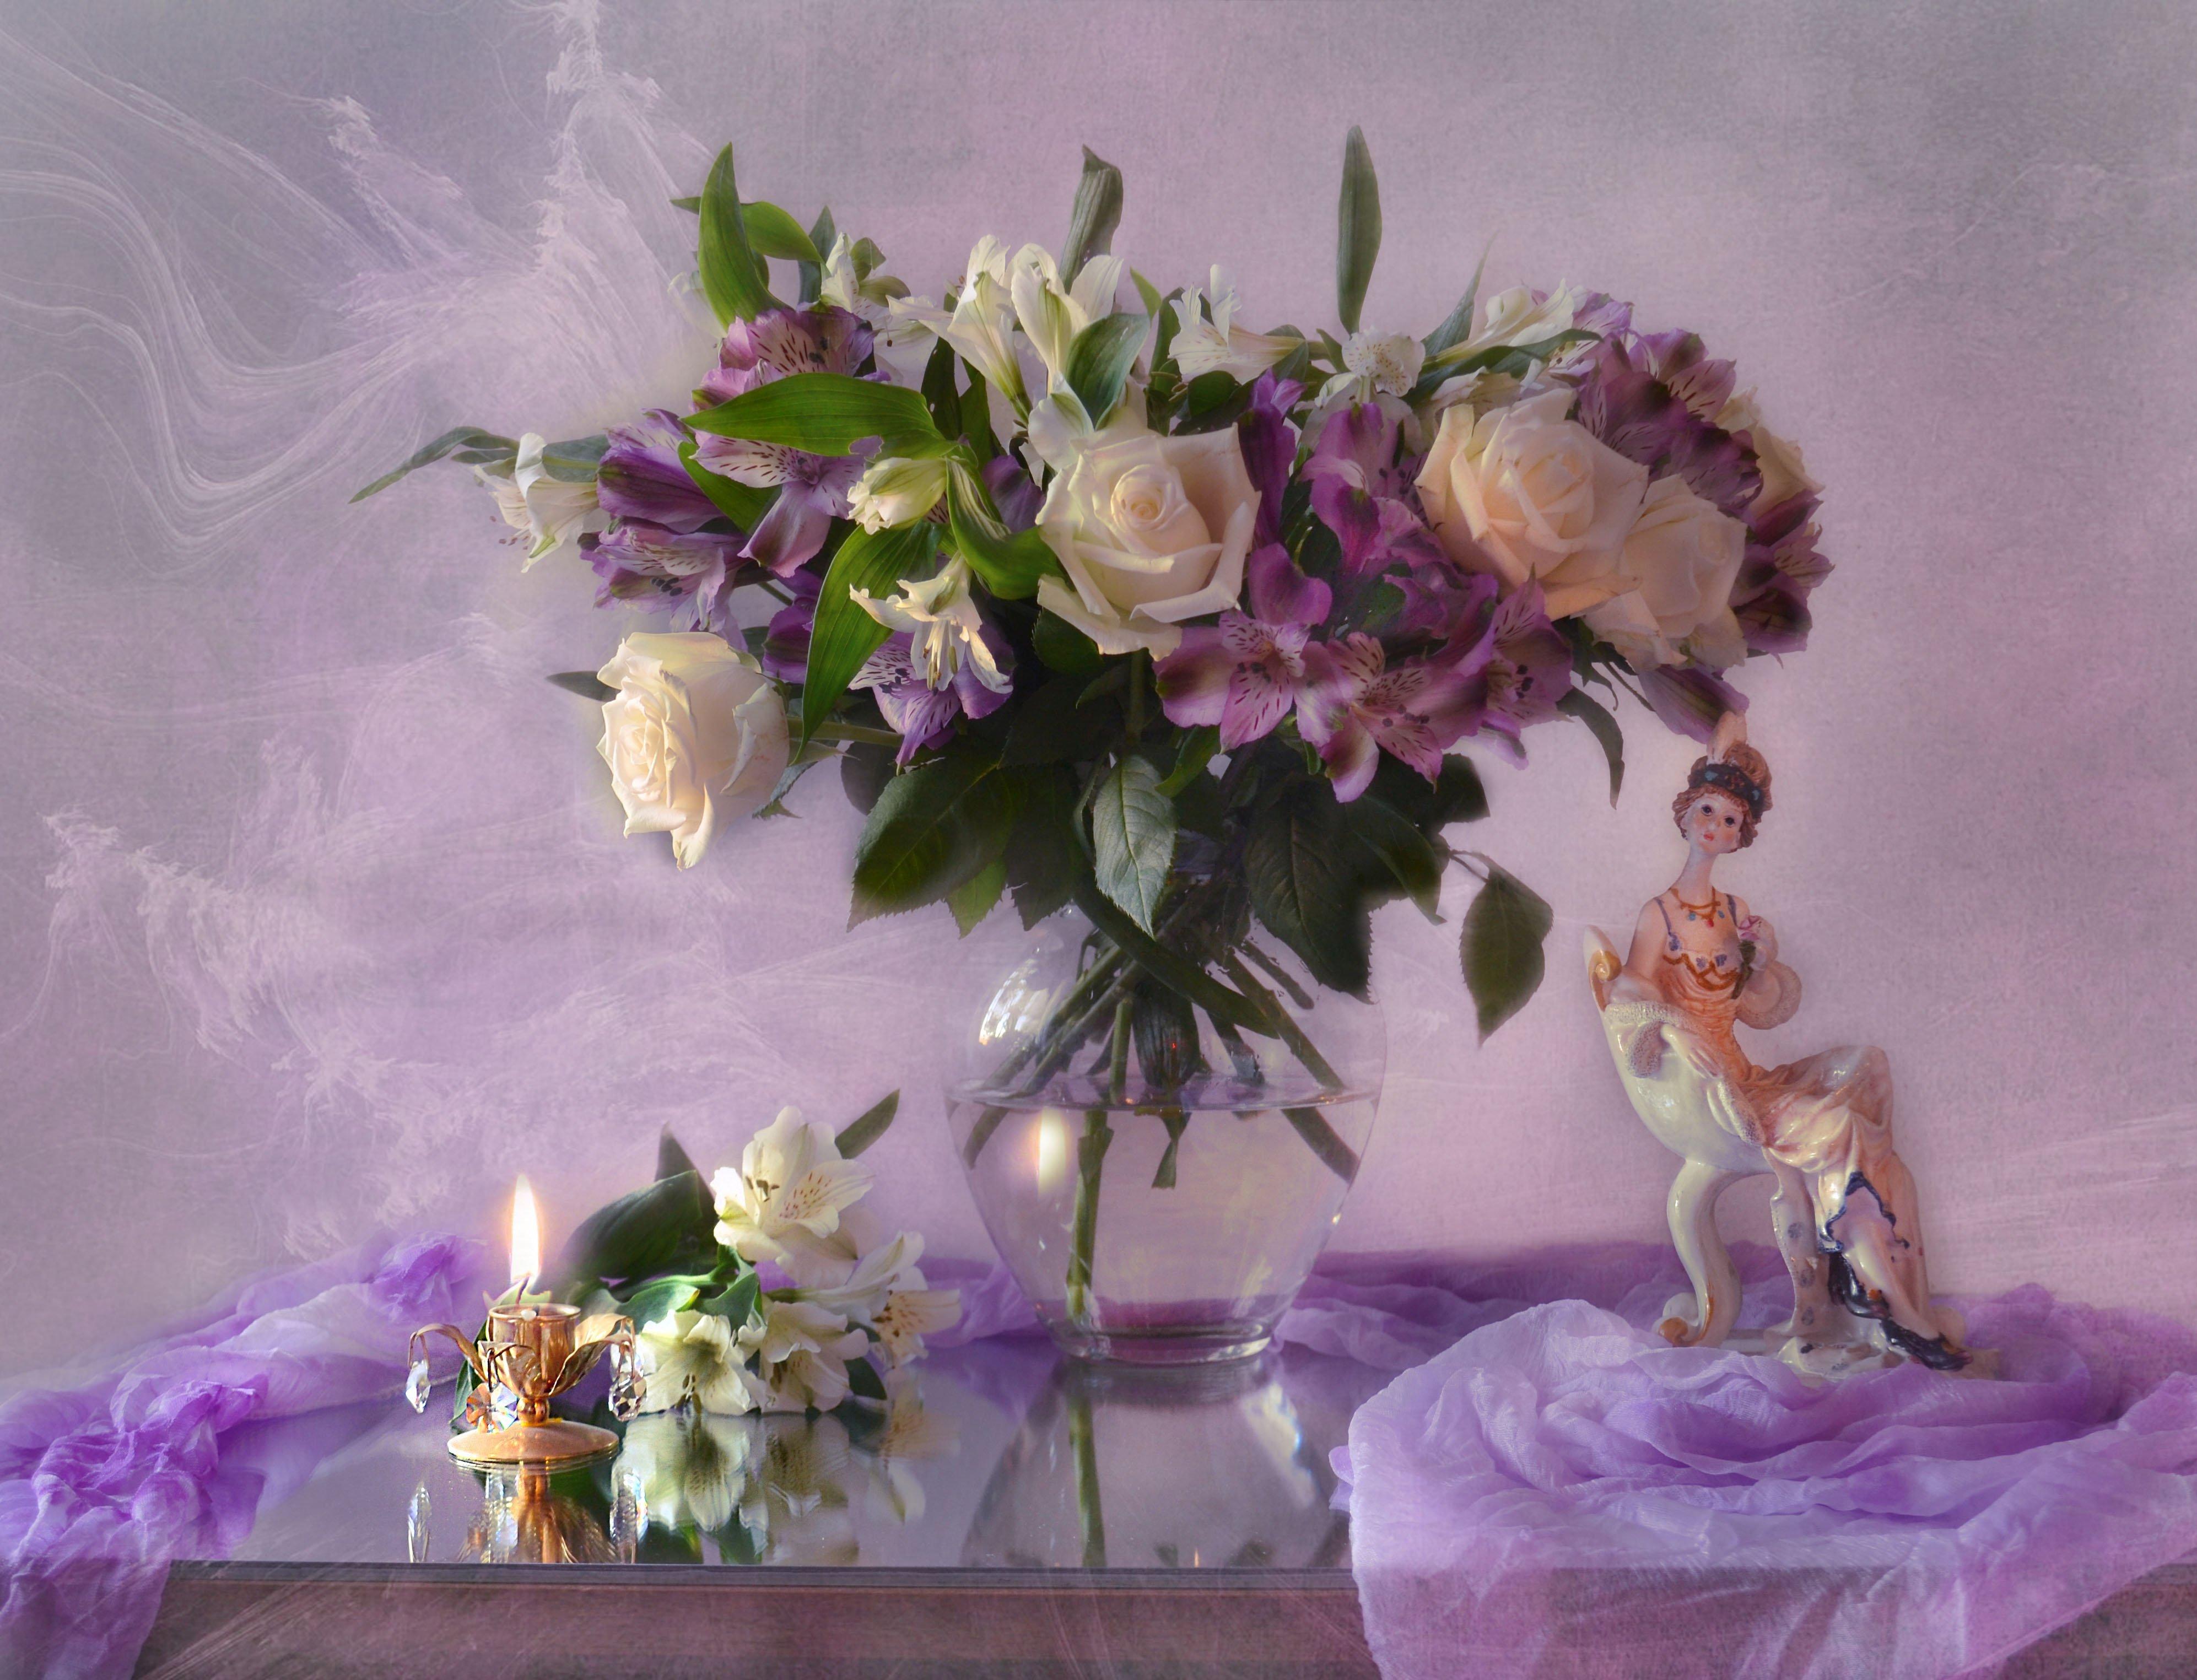 still life, натюрморт ,закат, зеркало, майский, отражение, подсвечник, розы, свеча, статуэтка, стихи, фарфор, фото натюрморт, цветы, Колова Валентина